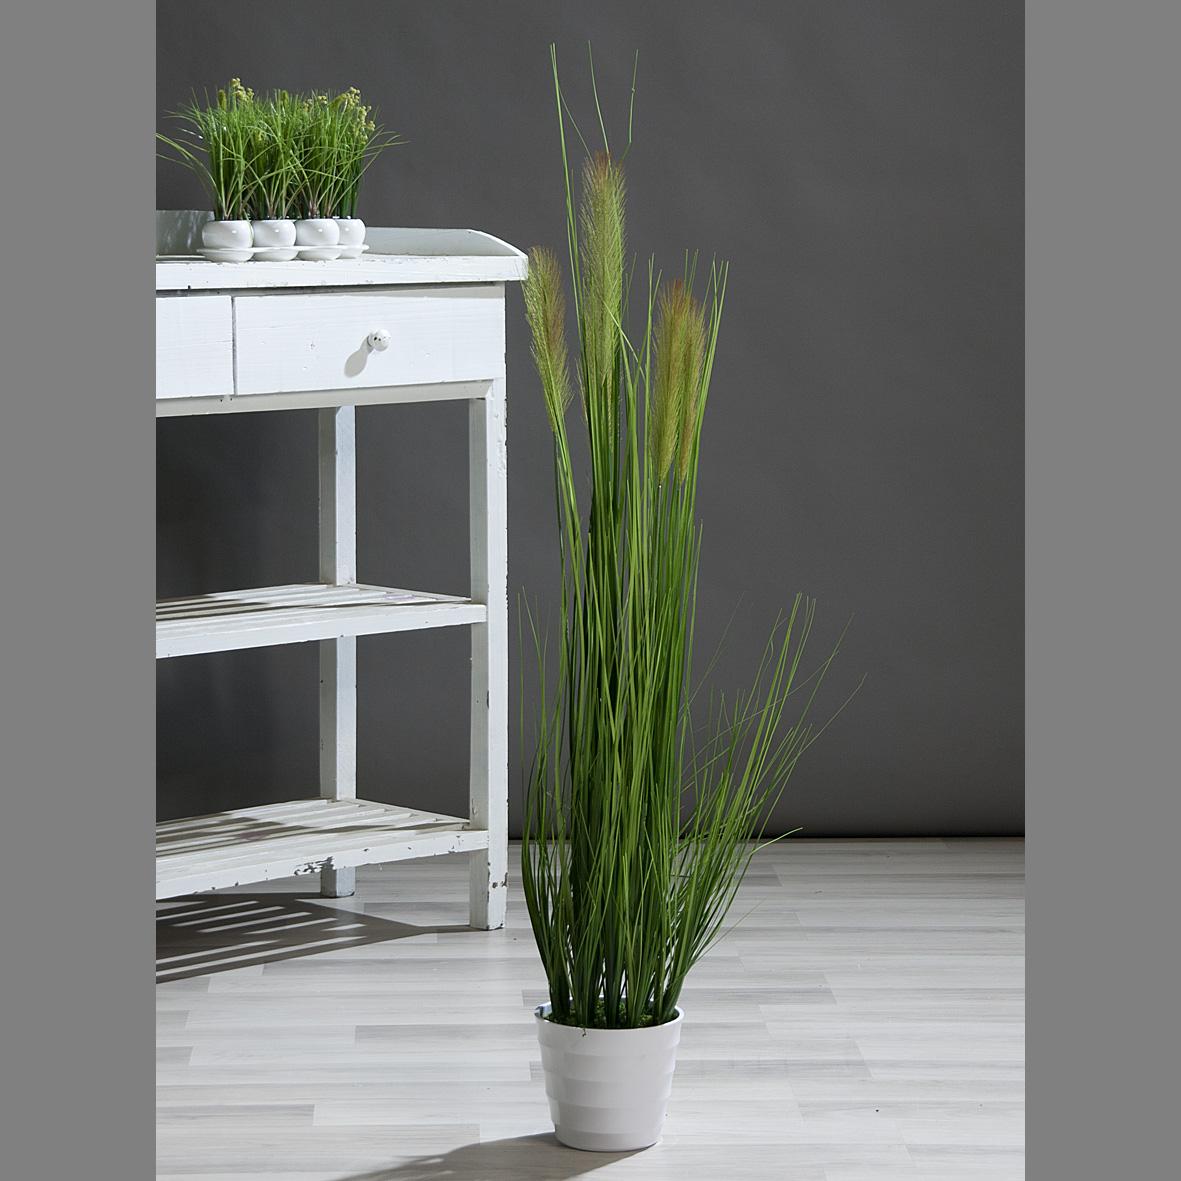 Grasarrangement mit 5 Blütenwedeln Kunstpflanze grün Höhe 115cm